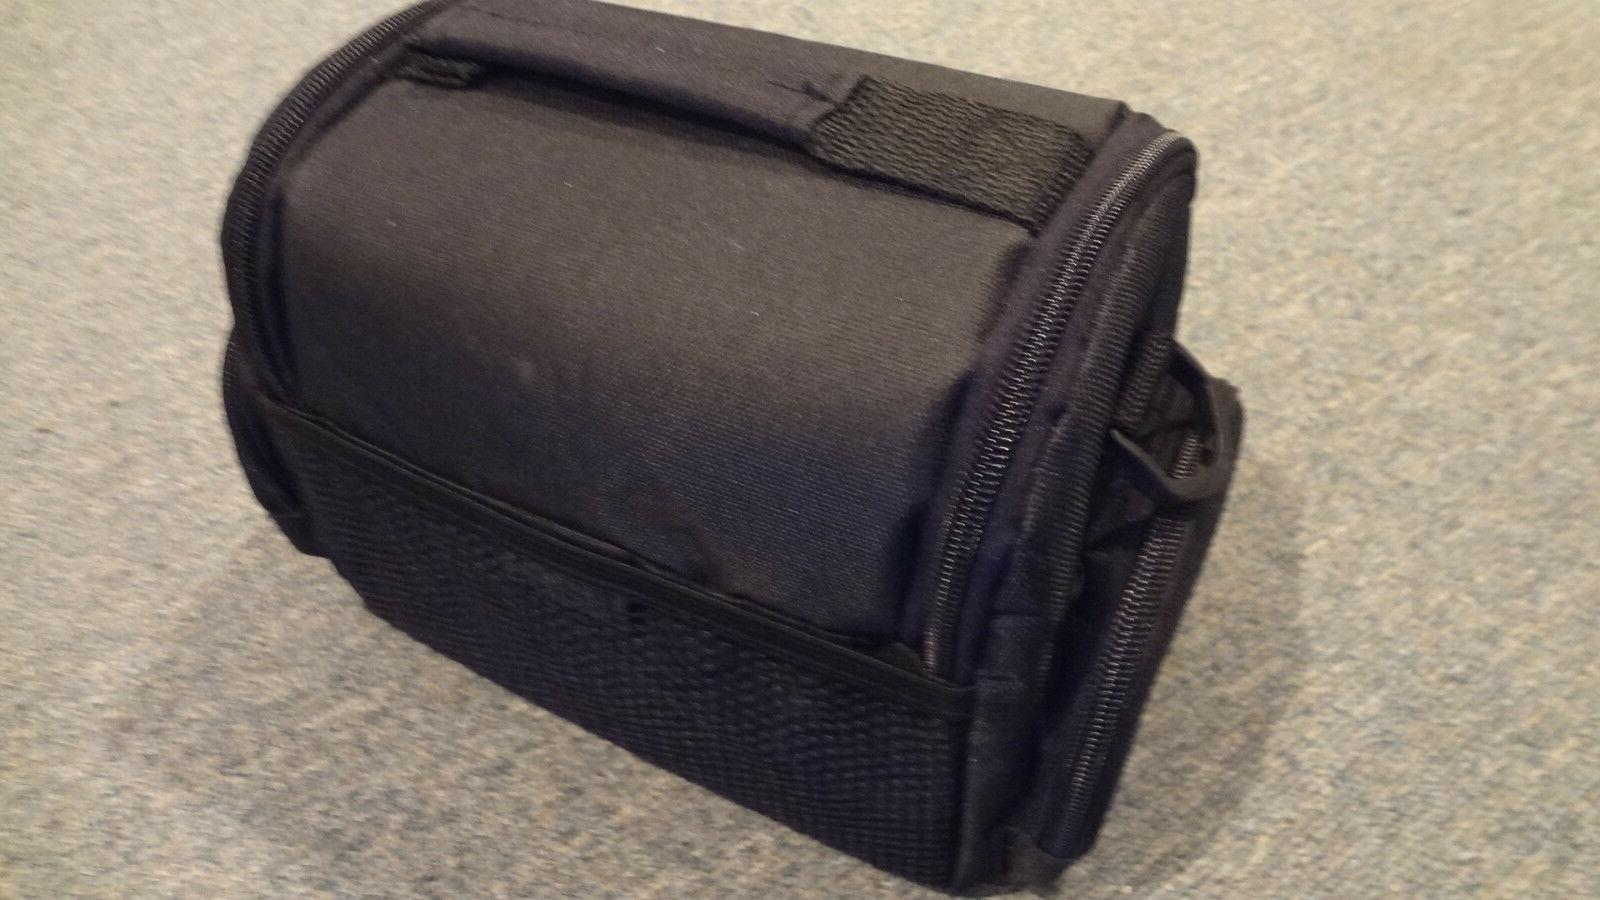 ZEIKOS SOFT MEDIUM CAMERA CASE BLACK BAG